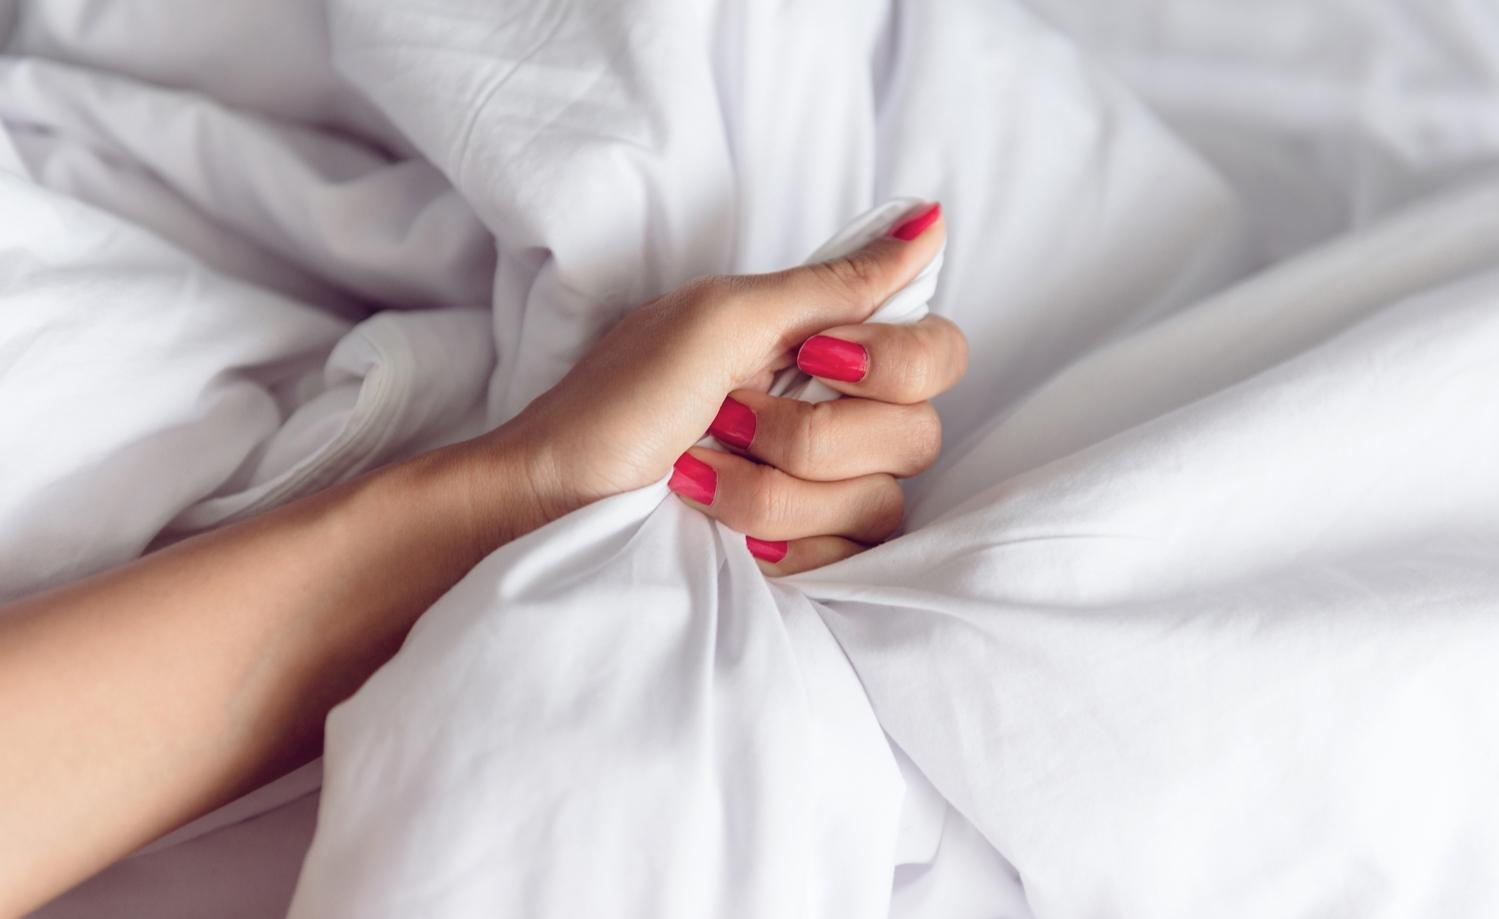 Ženský orgasmus zvyšuje šance k otěhotnění pomocí stahů dělohy, která tímto způsobem vtahuje spermie až do děložního hrdla